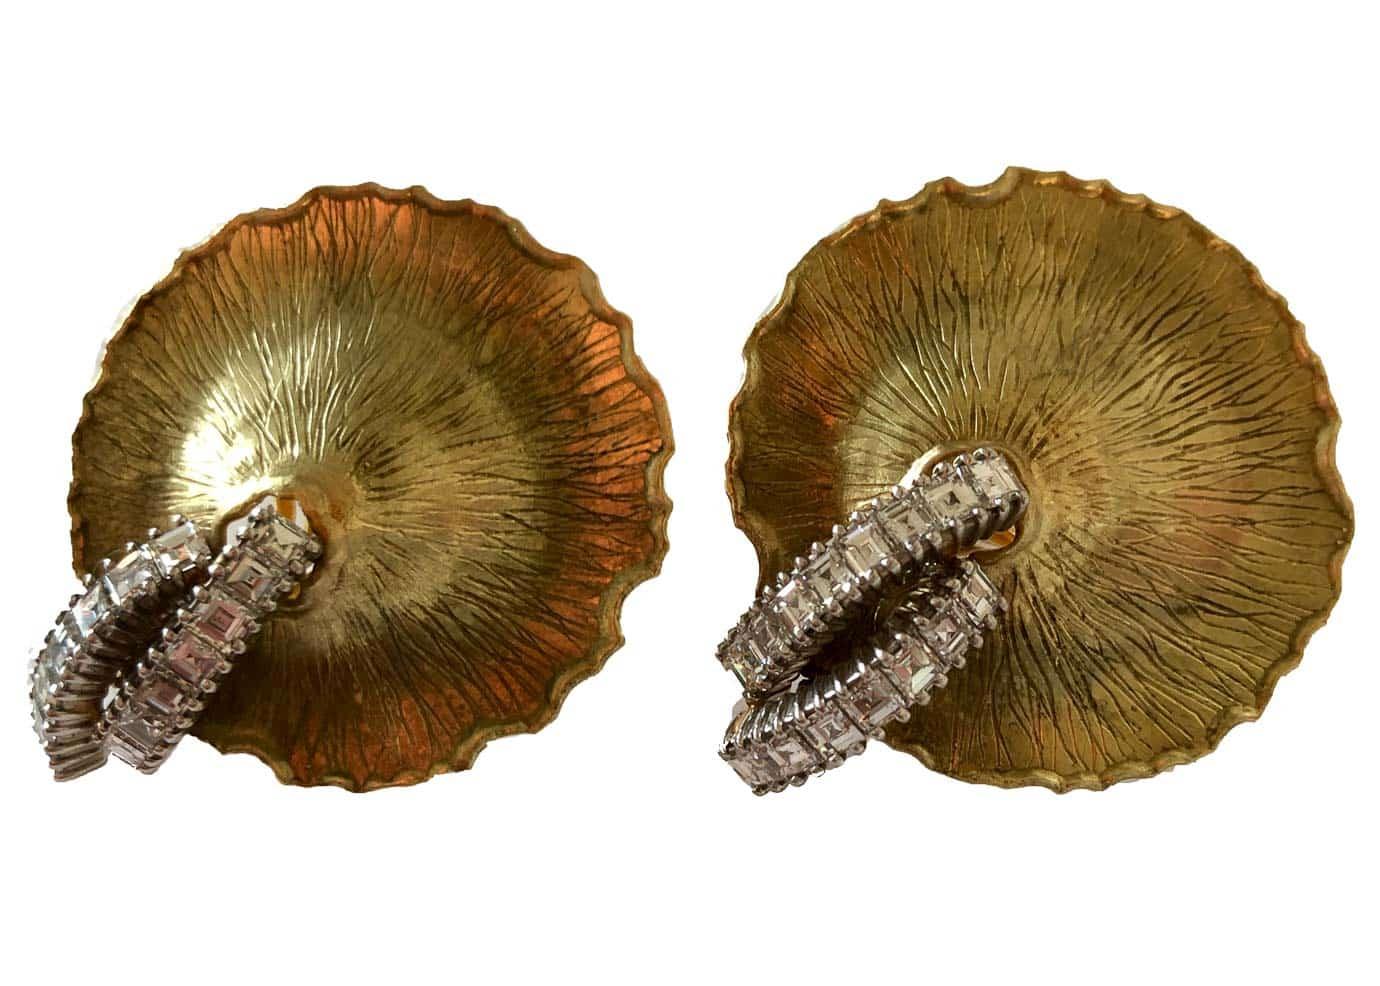 gold and diamond gingko leaf earrings